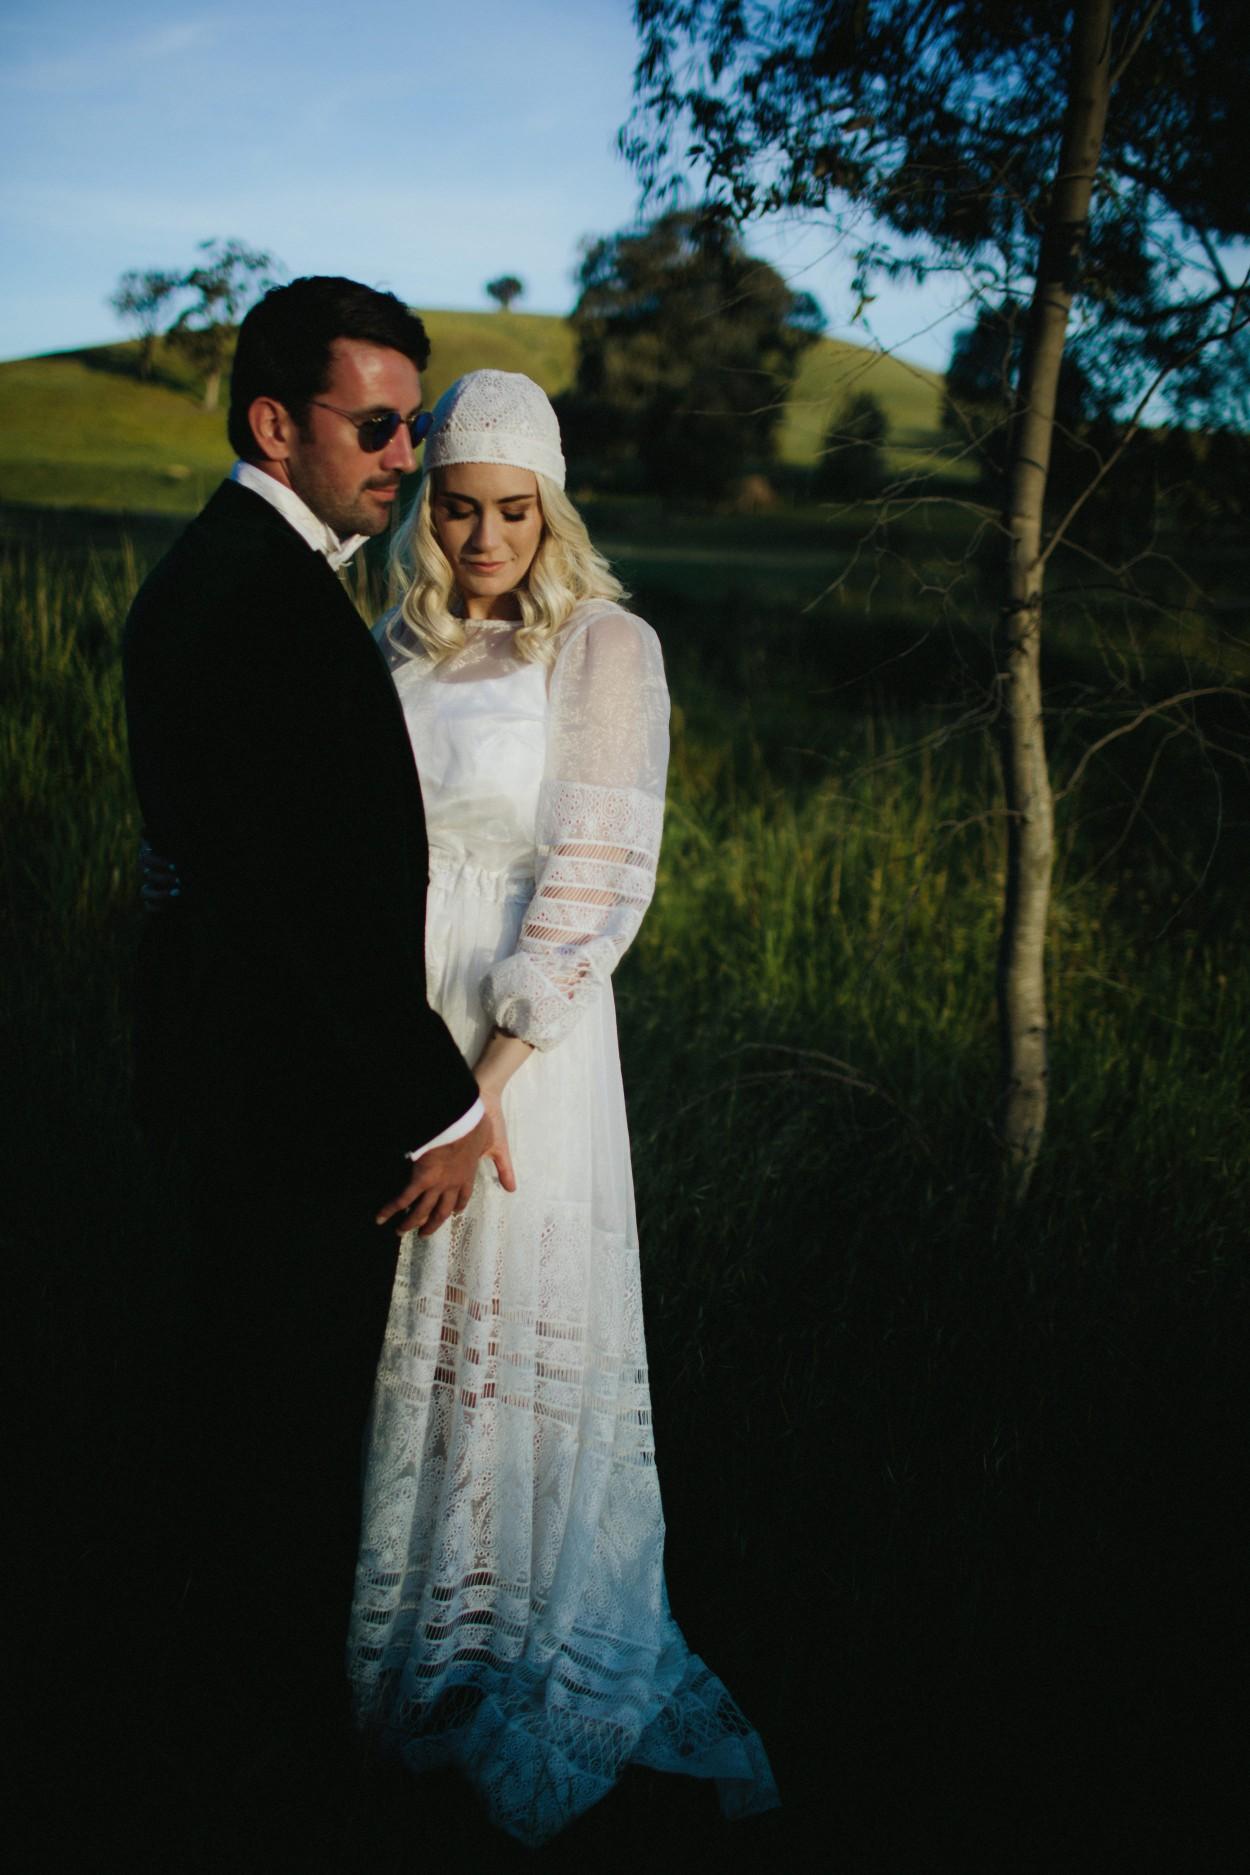 I-Got-You-Babe-Weddings-Farm-Wedding-Emma-Tim230.jpg